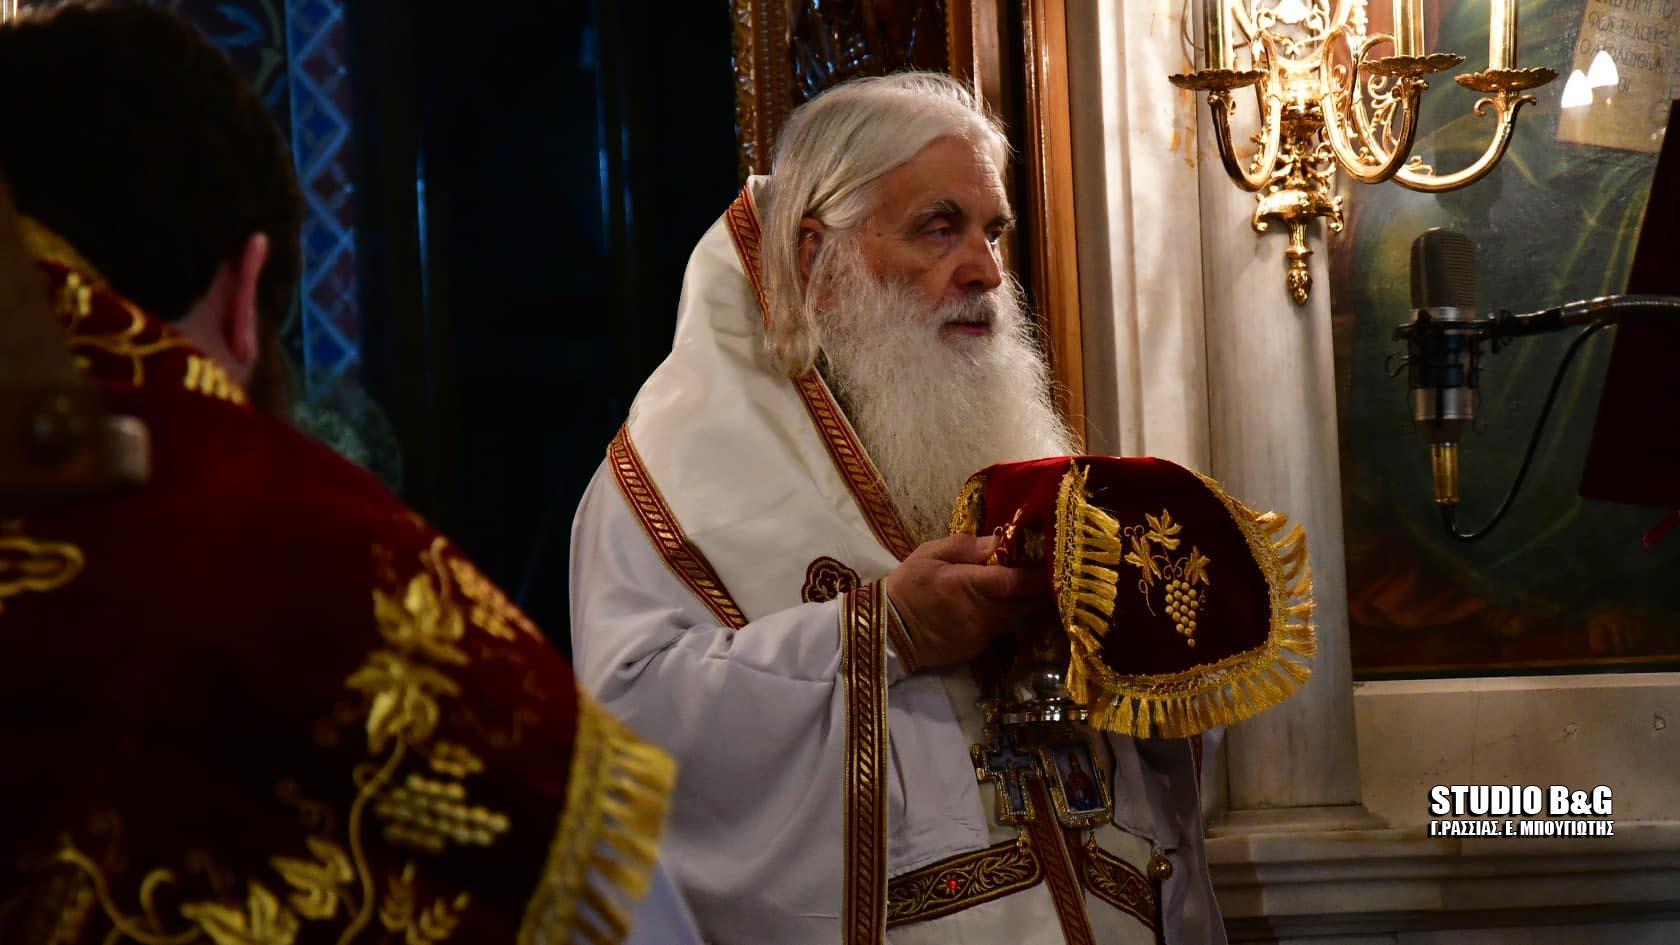 Η εορτή του Αγίου Νεκταρίου στην Ιερά Μητρόπολη Αργολίδος